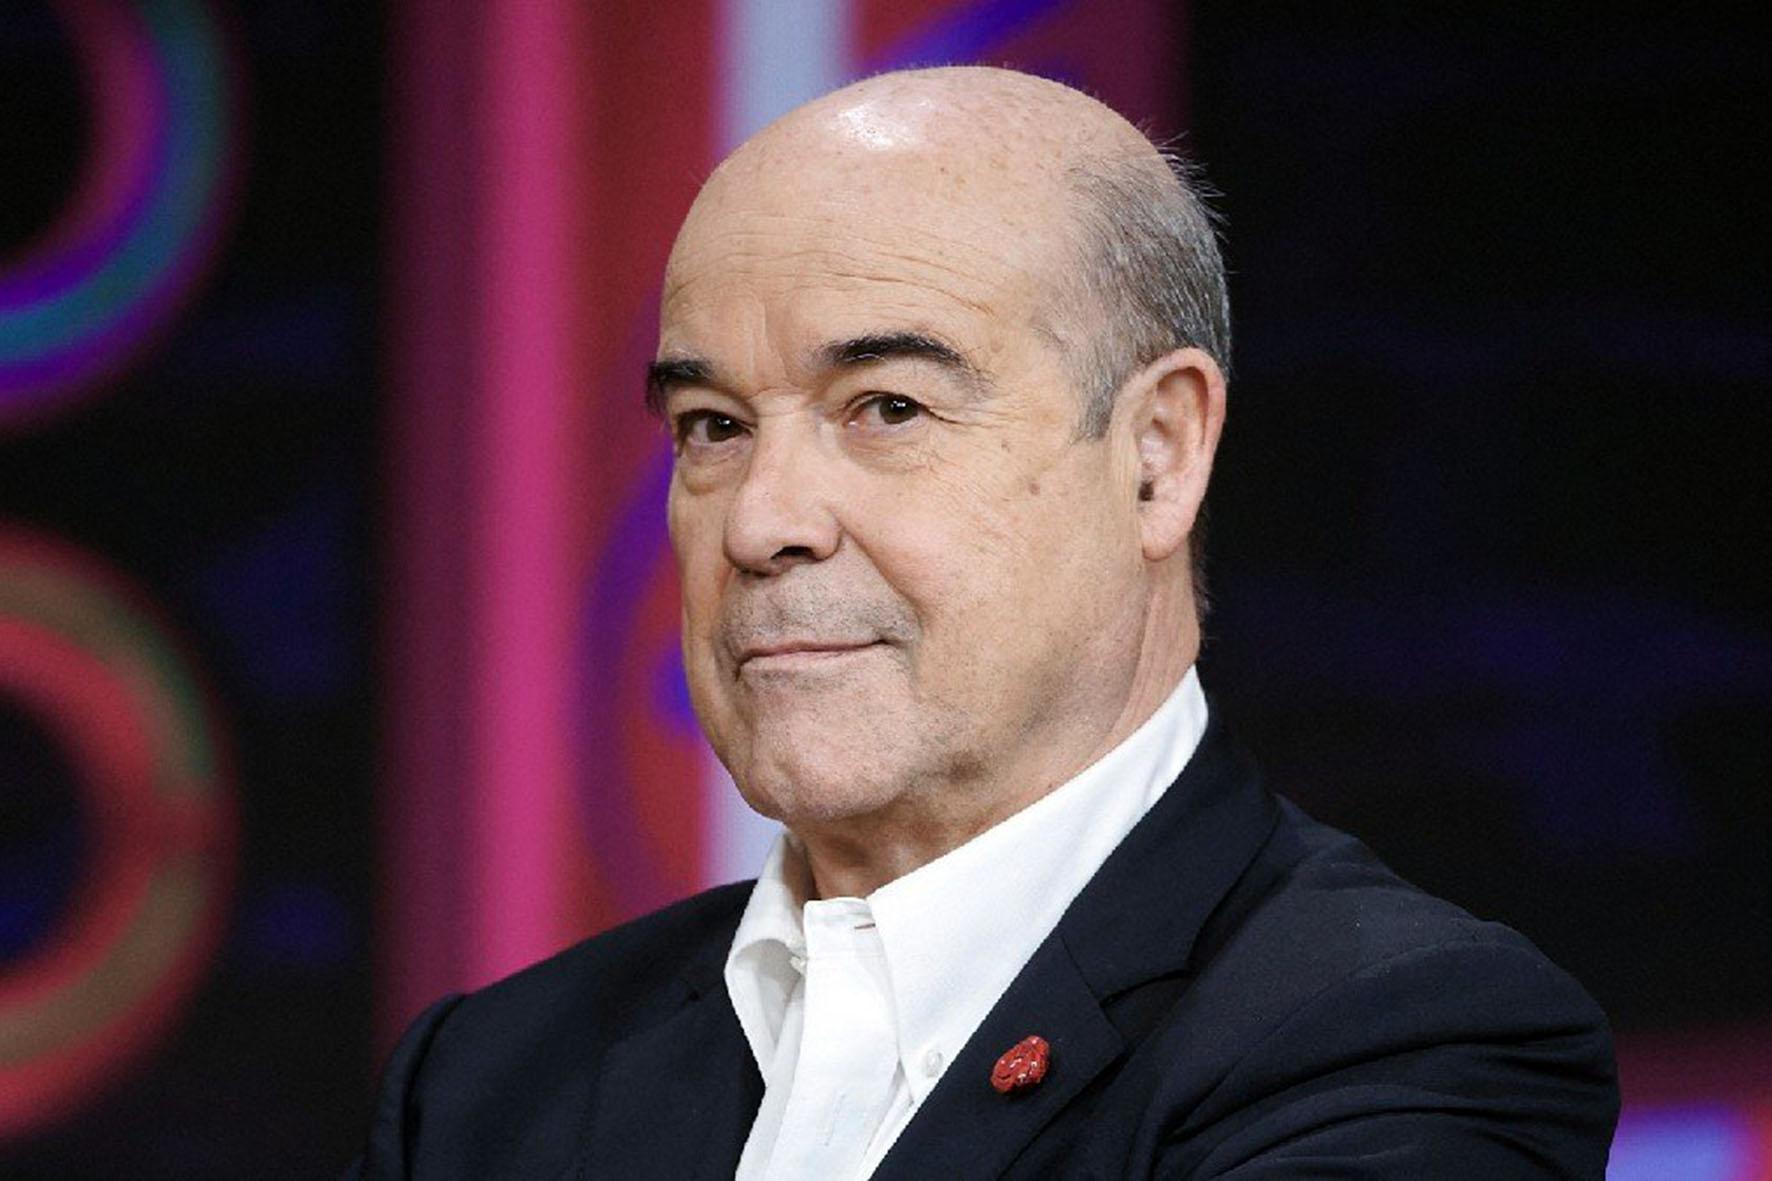 Antonio Resines, Premio 'Luis Ciges' 2021 en el Festival de Islantilla